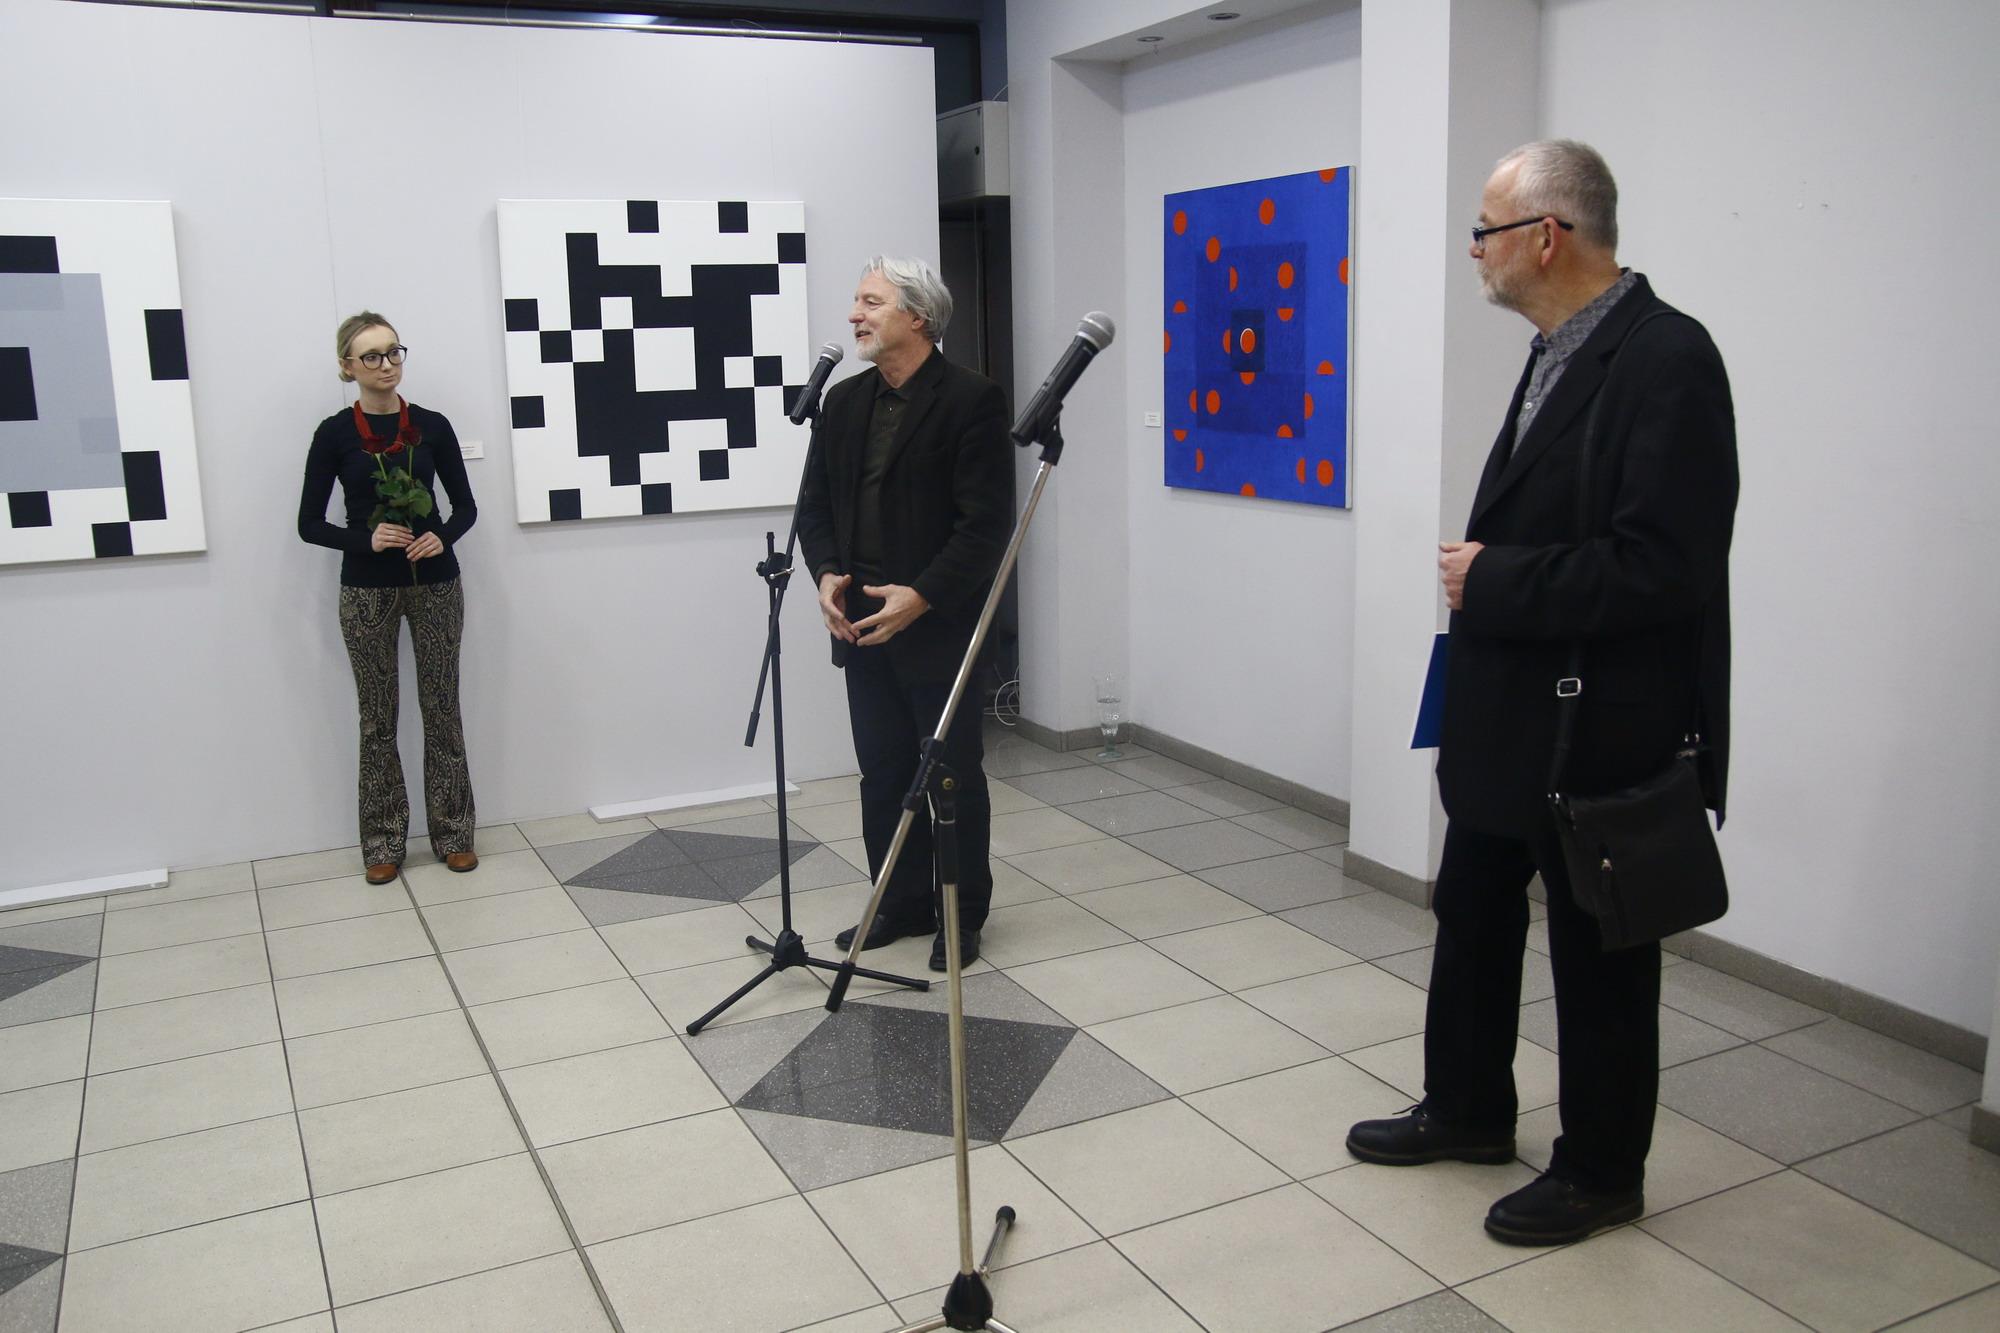 Witold i Paweł Adamczyk